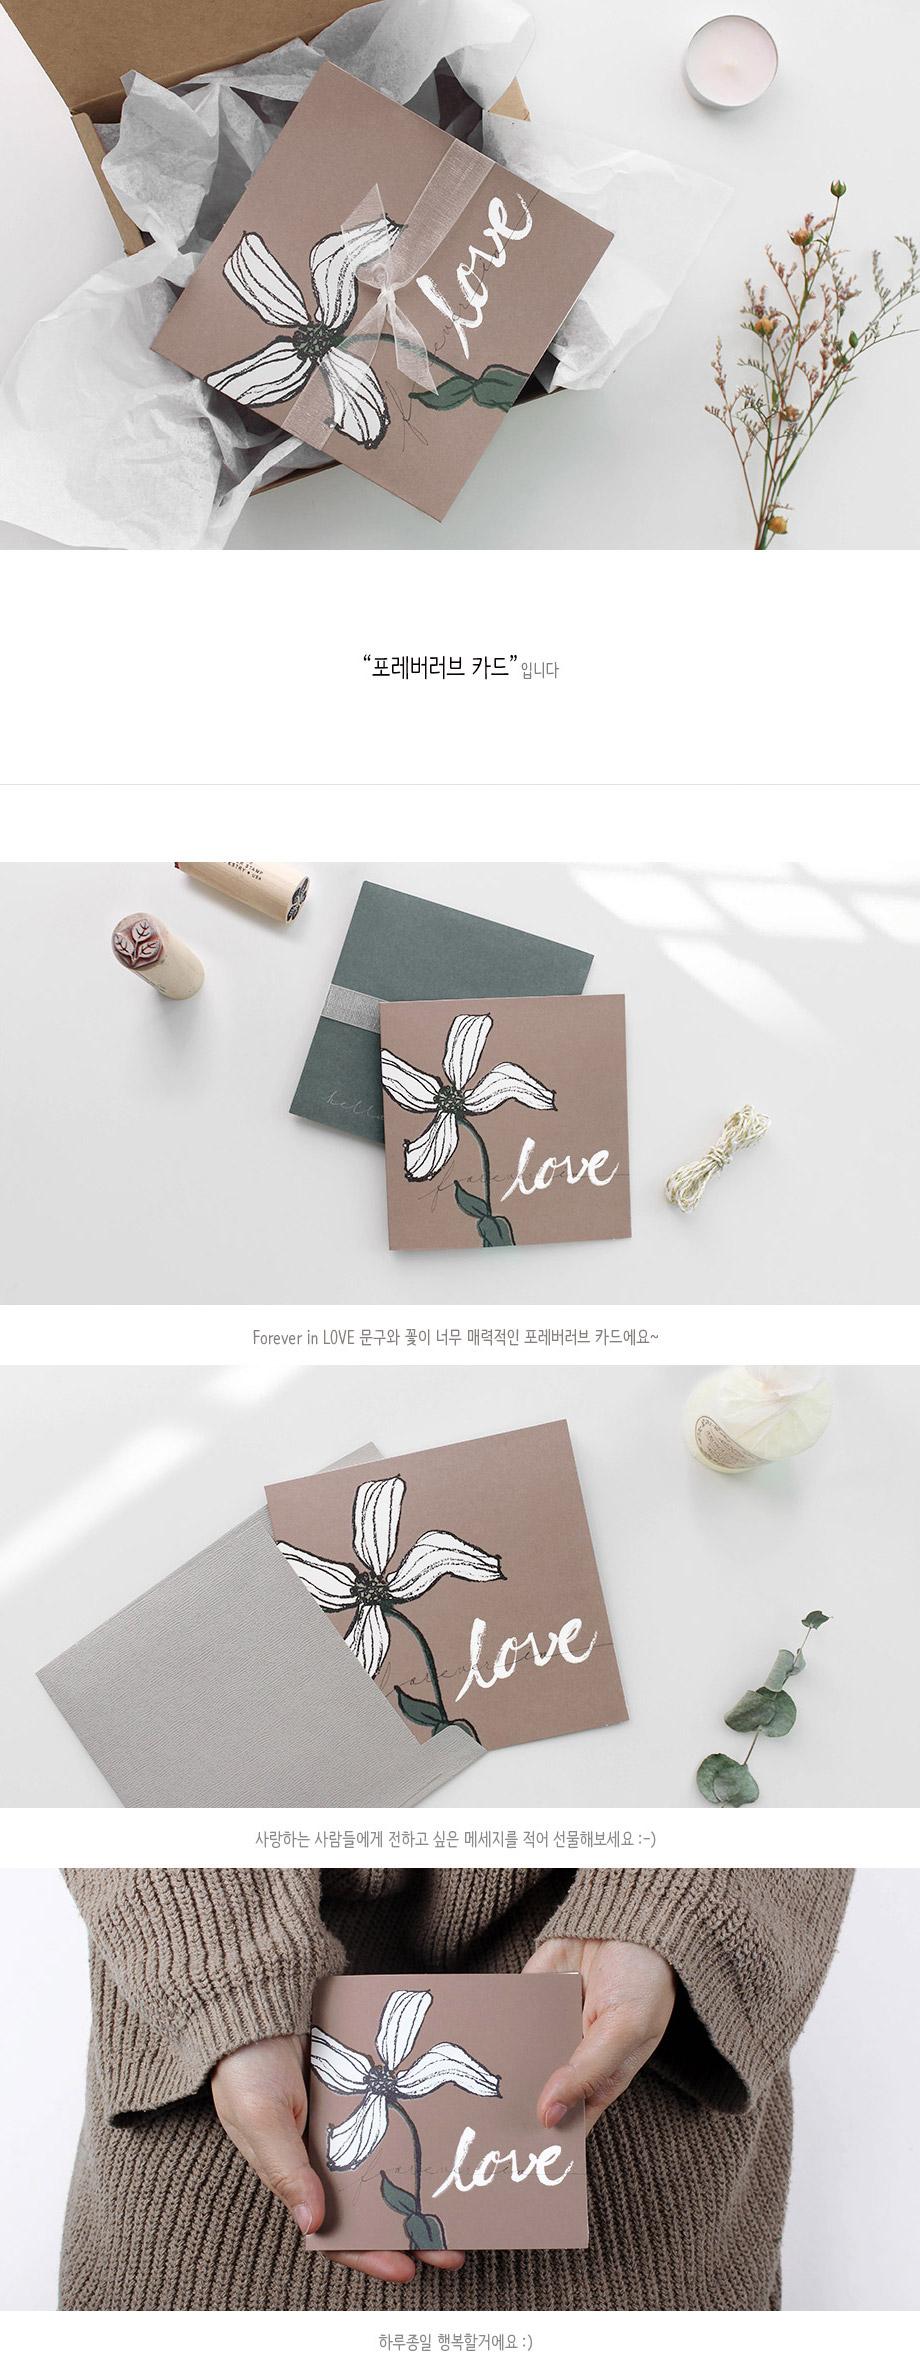 포레버러브 카드 - 헬로우모리스, 1,300원, 카드, 사랑/고백 카드